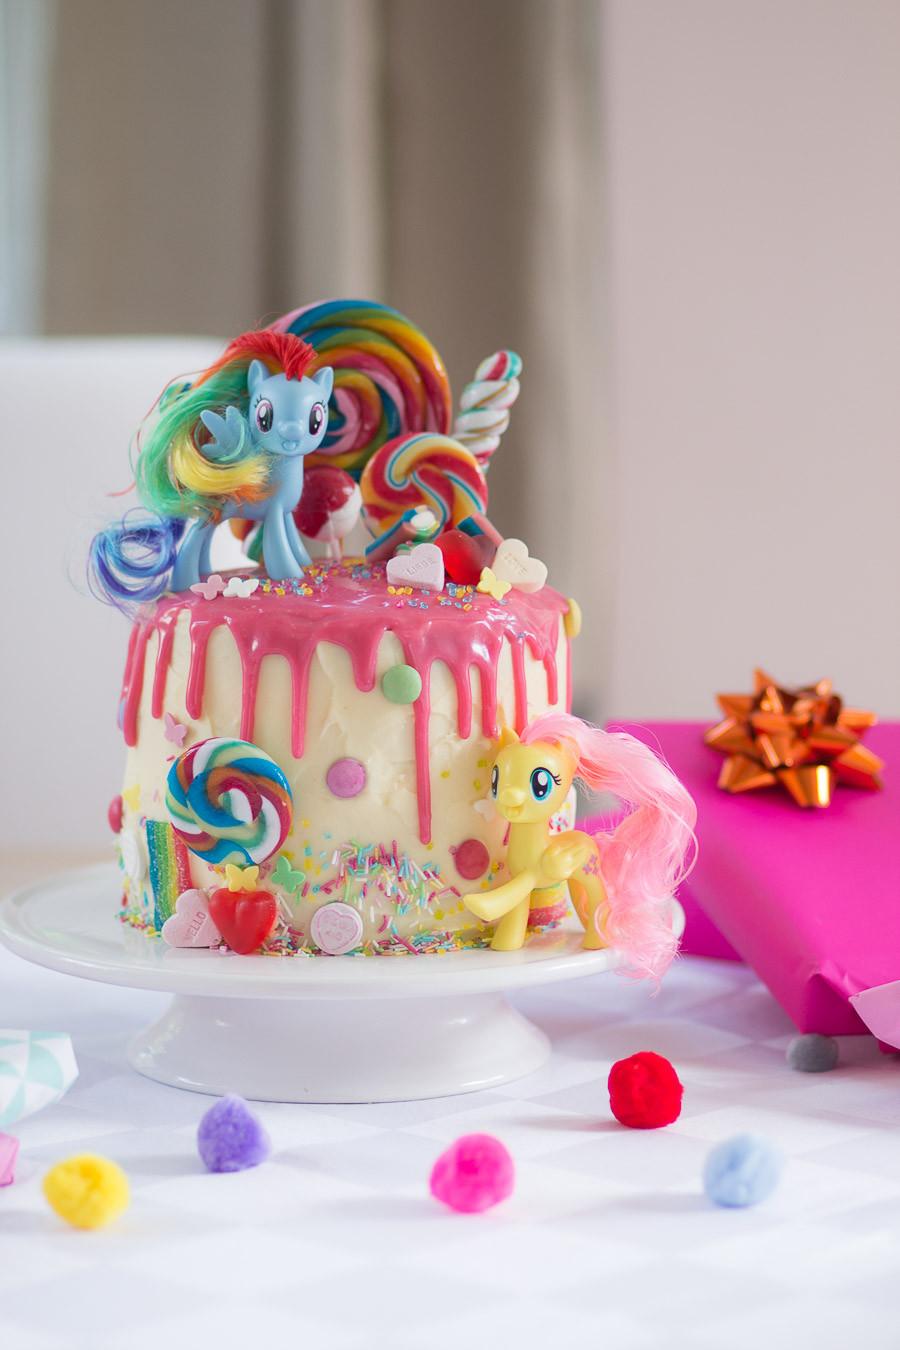 Geburtstagstorte 2 Jahre  My Little Pony Torte zum 4 Geburtstag Mother s Finest